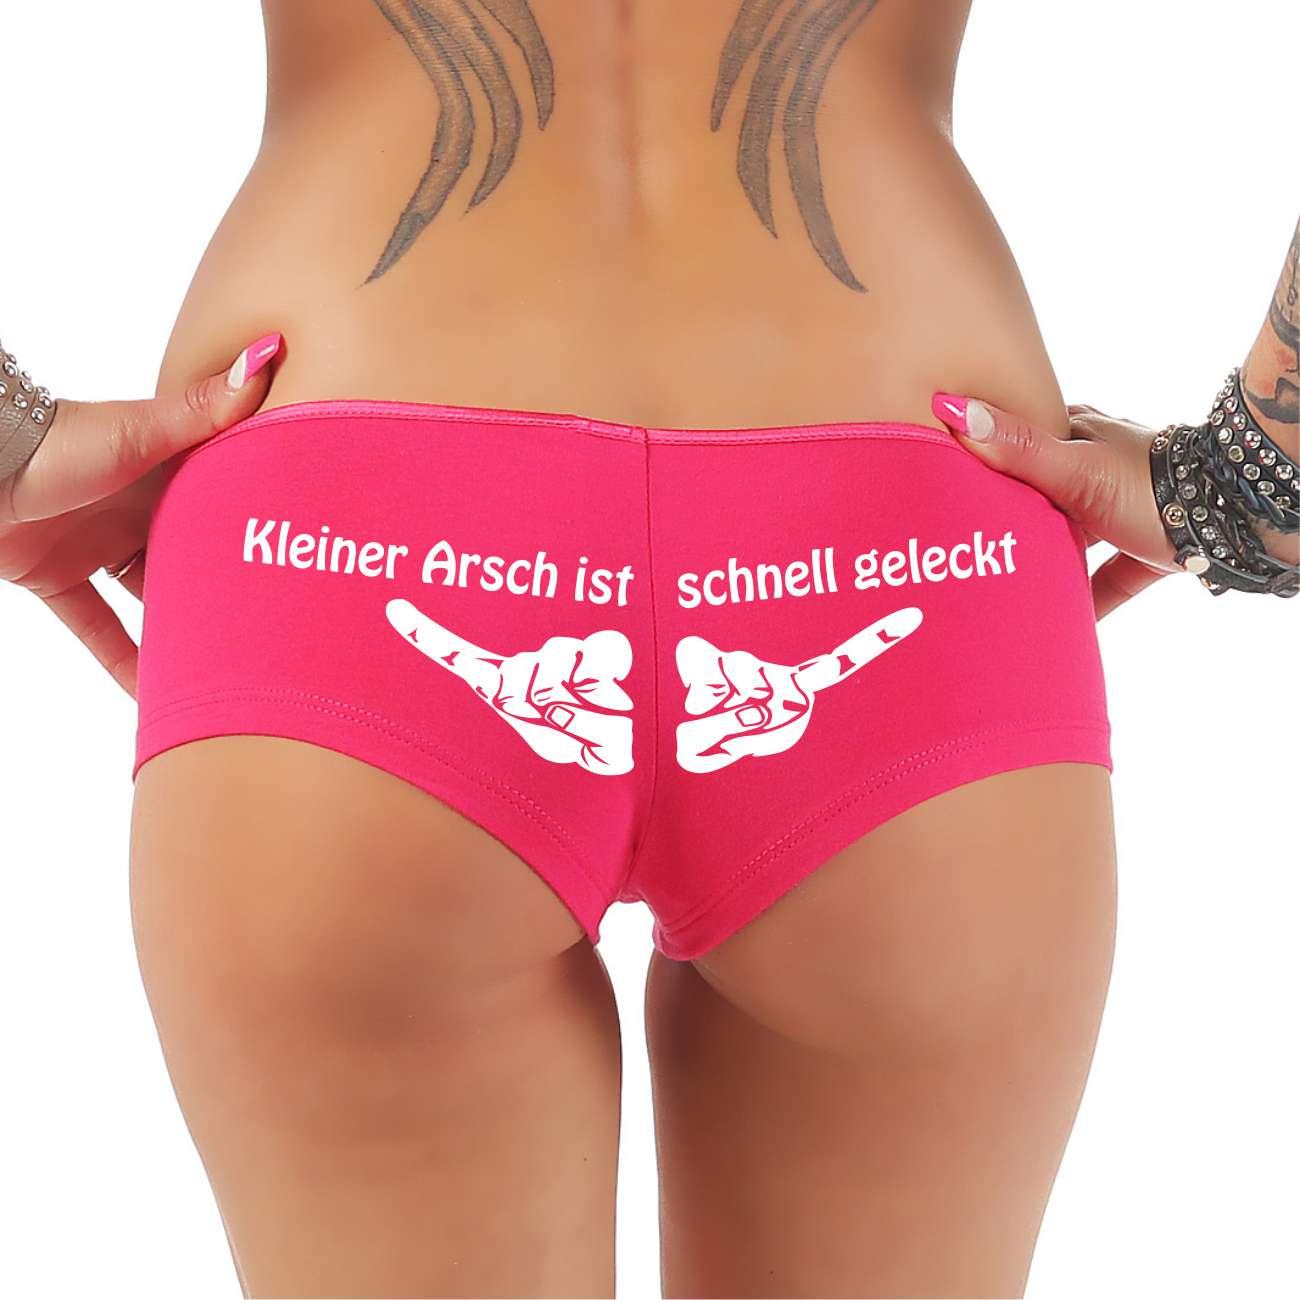 Frauen Hotpants Panty mit Spruch Kleiner Arsch ist schnell geleckt Sprüche sexy